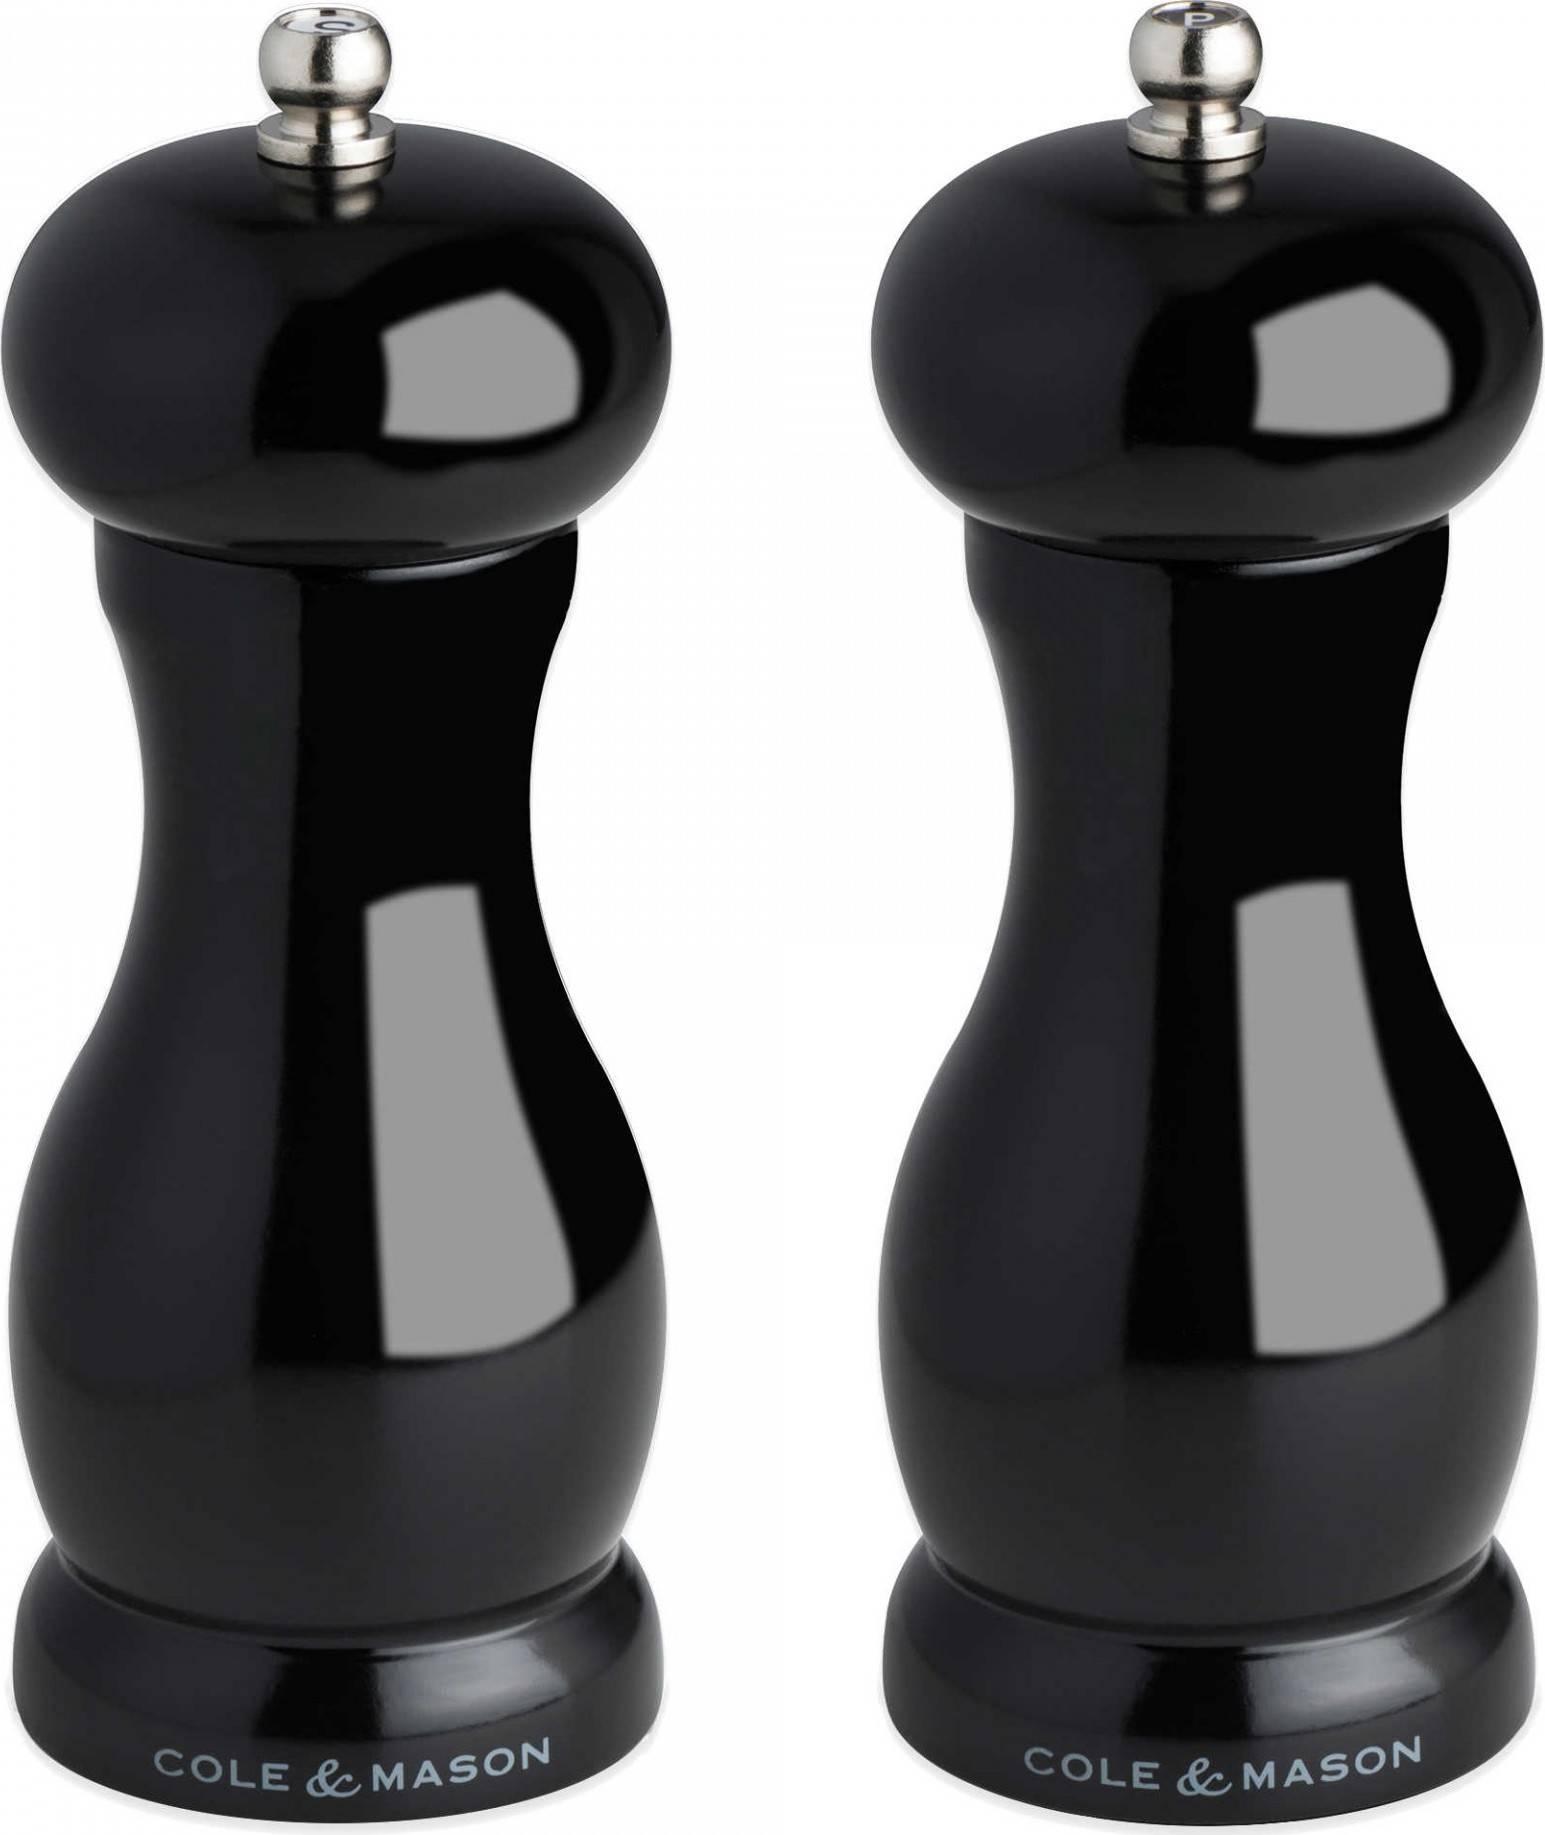 Cole & Mason BLACK OXFORD, sada černý mlýnek na pepř a sůl, 155 mm HT06880 DKB Household UK Limited